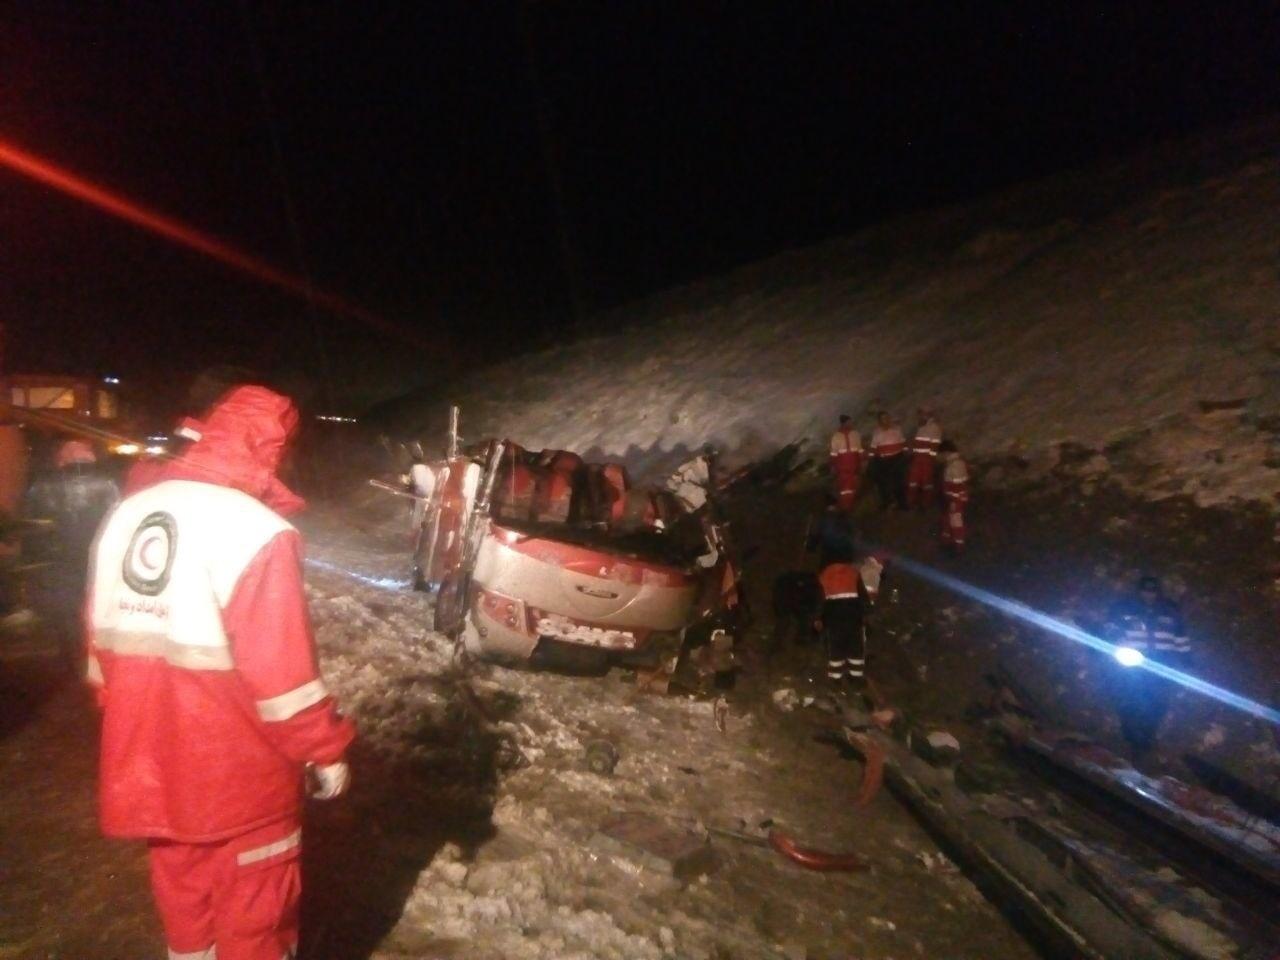 ۳ کشته و ۲۰ مصدوم در واژگونی اتوبوس در اتوبان تبریز ,